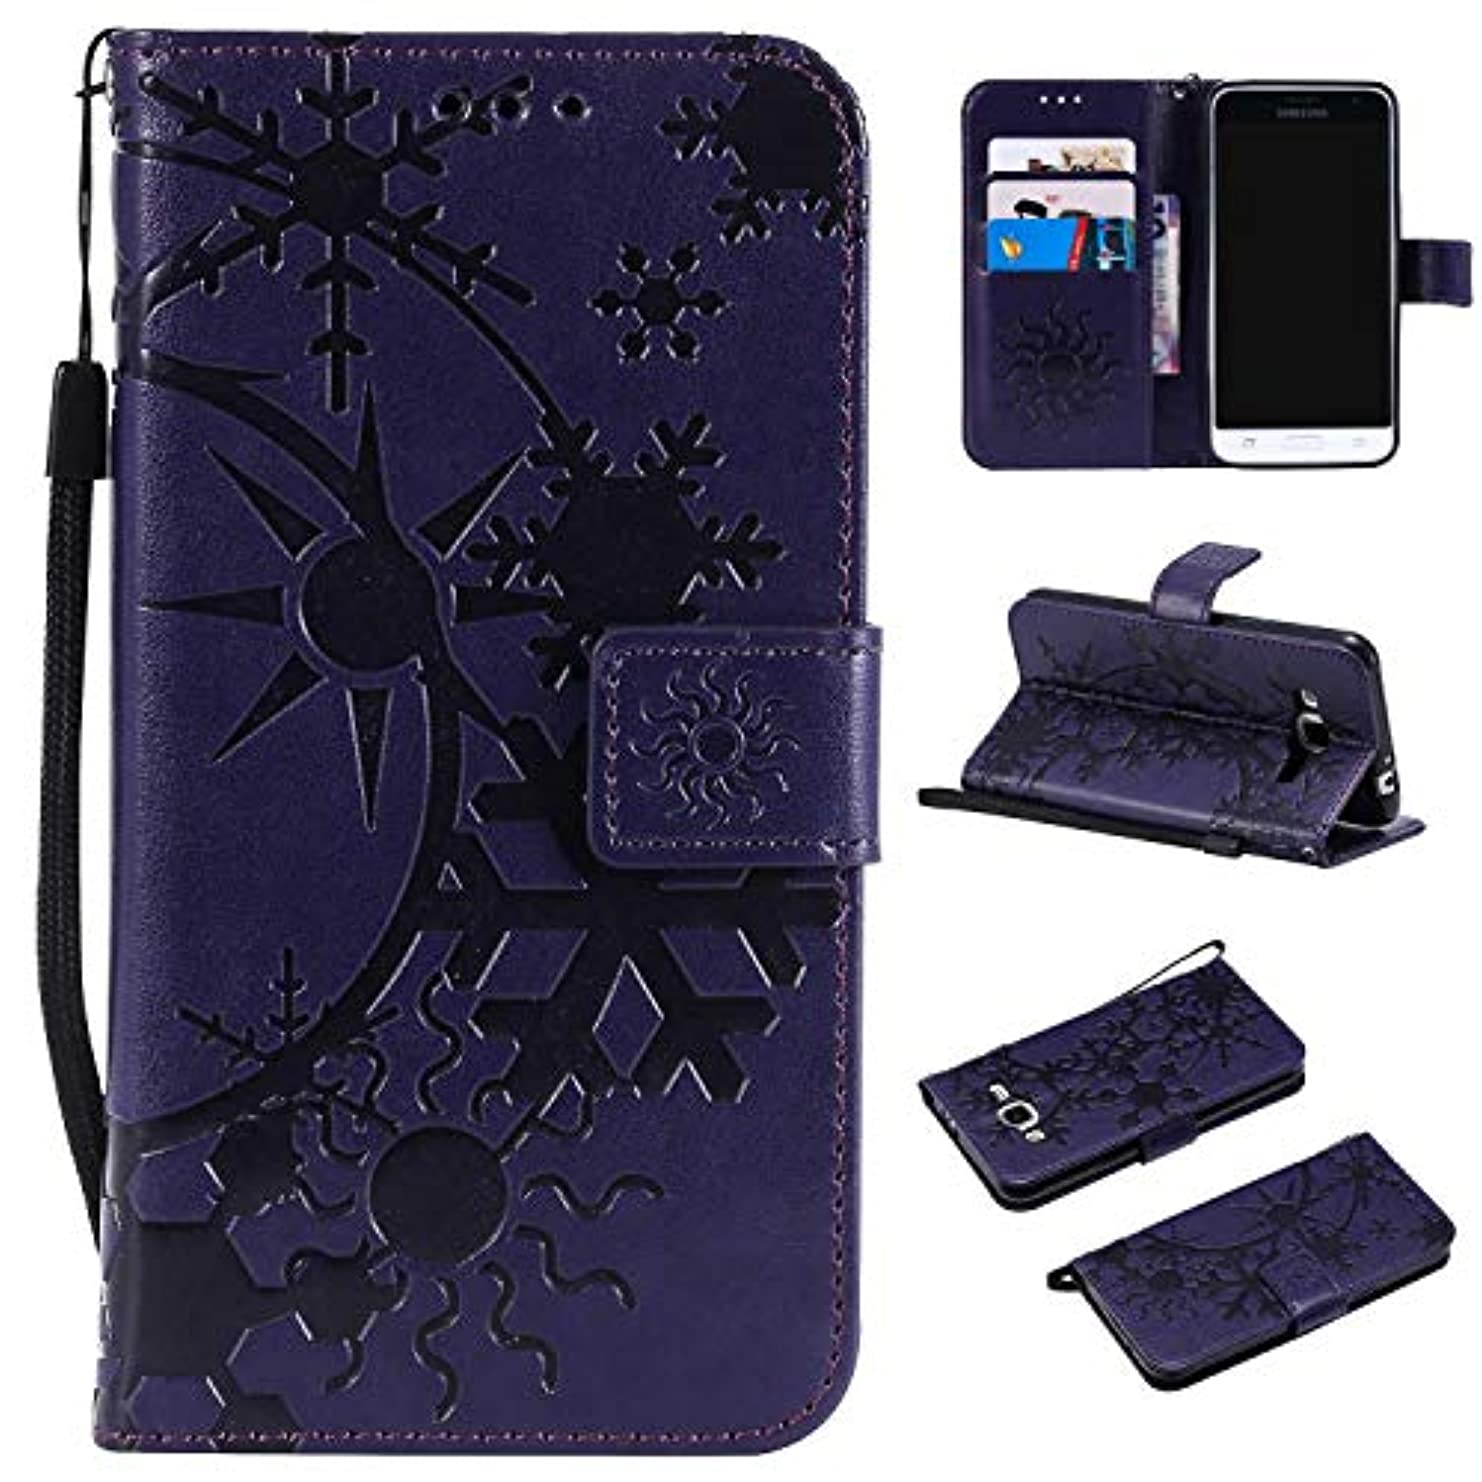 帝国主義考古学的な偶然Galaxy Core Prime ケース CUSKING 手帳型 ケース ストラップ付き かわいい 財布 カバー カードポケット付き Samsung ギャラクシー Core Prime マジックアレイ ケース - パープル